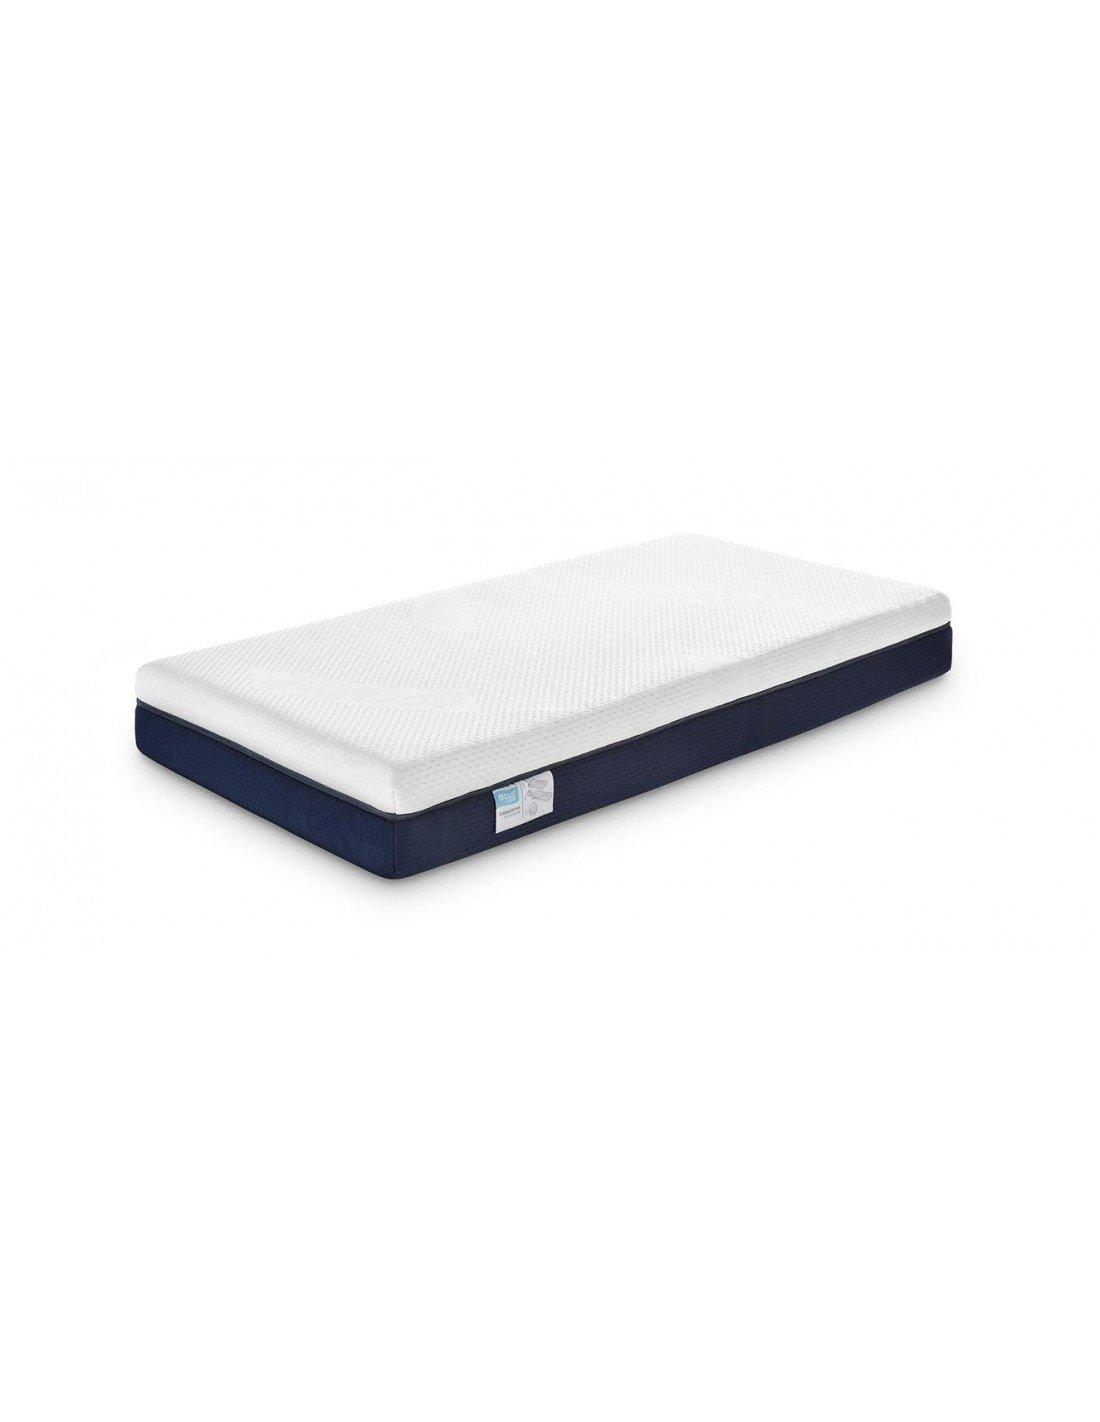 Ecus Care, 117cm x 57cm, colchón de cuna anti plagiocefalia product image